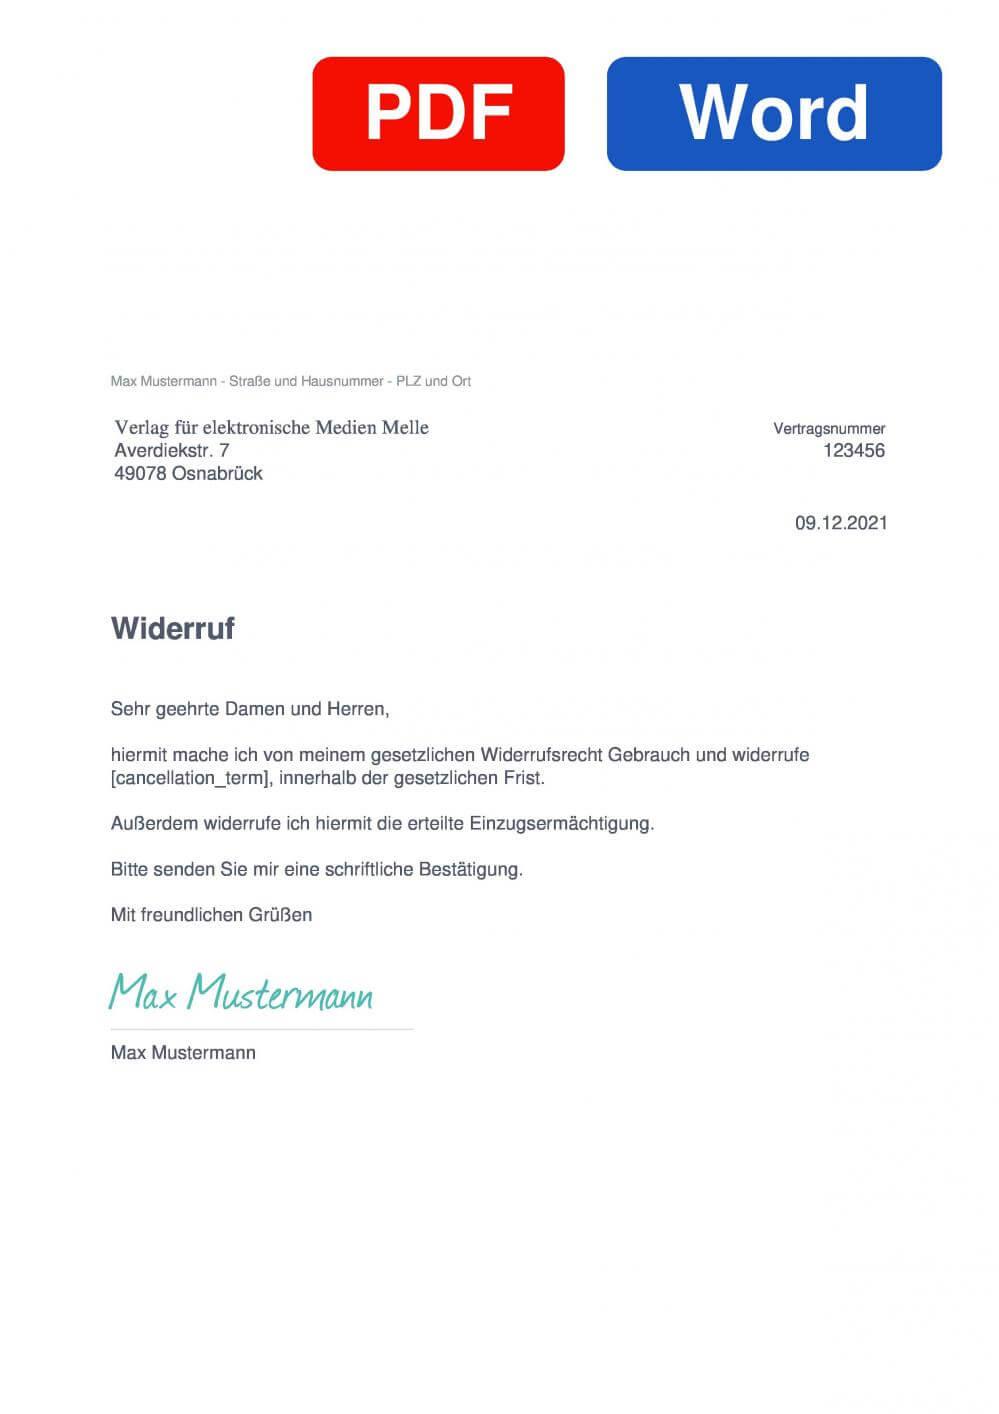 EBVZ Muster Vorlage für Wiederrufsschreiben